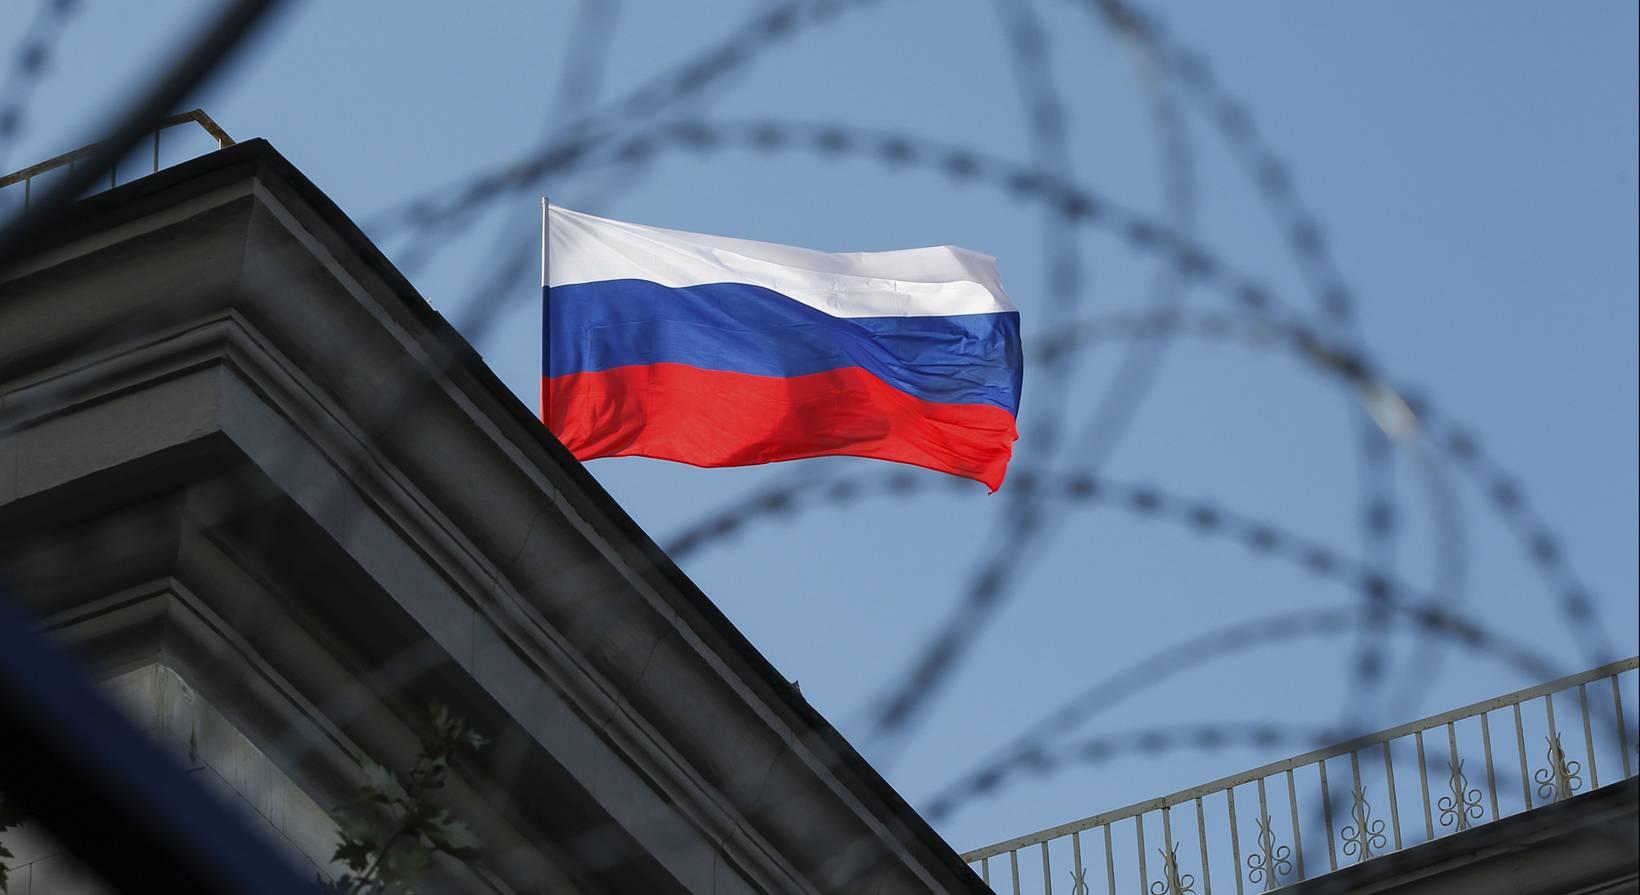 Евросоюз одобрил новые санкции против РФ